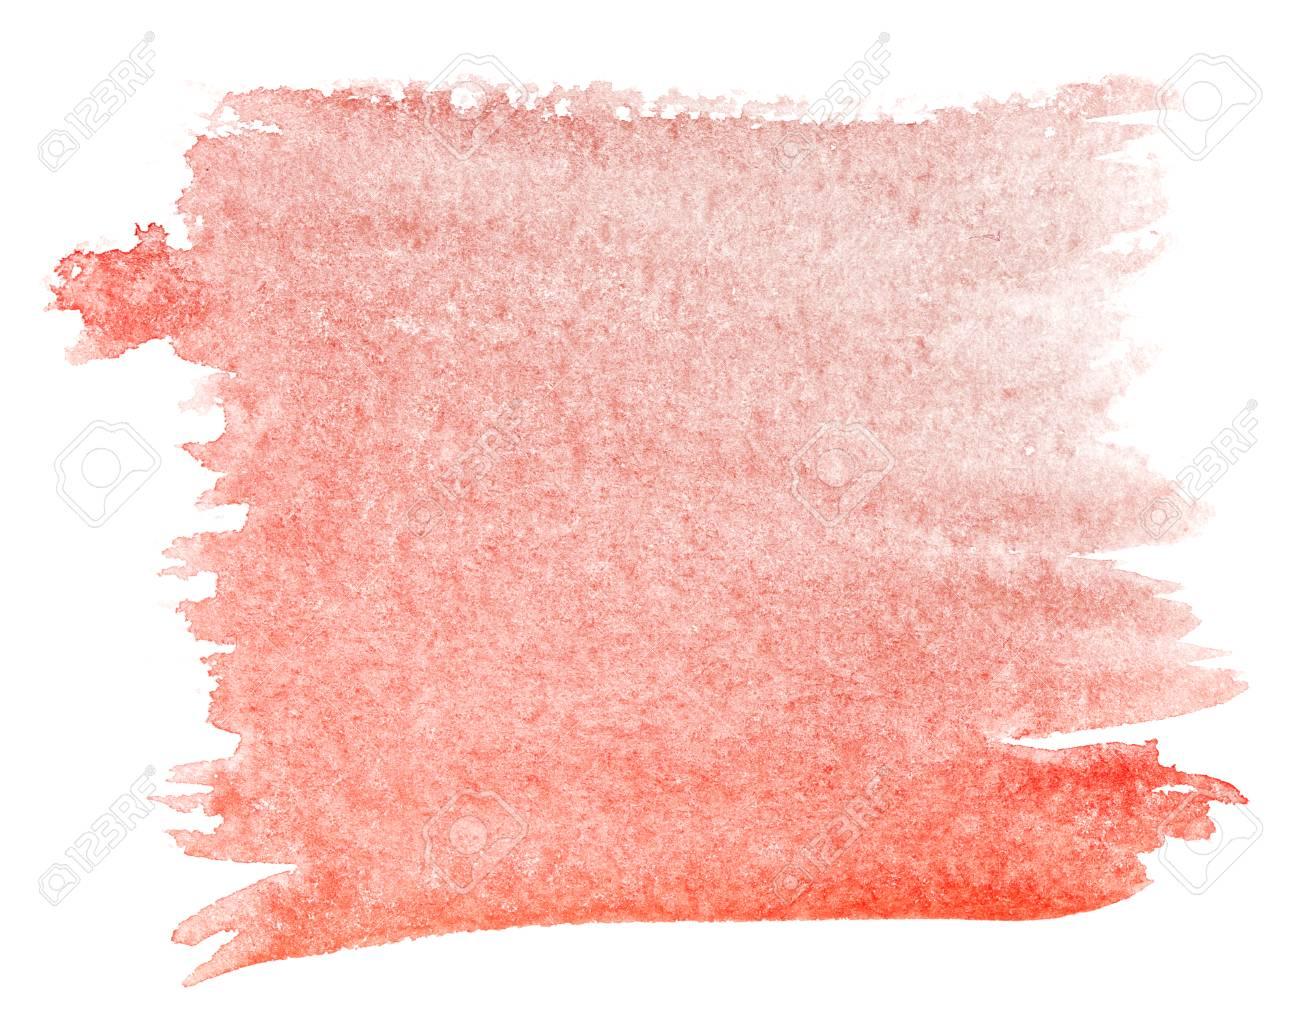 fond d aquarelle rouge cadmium transition en degrade de la couleur du rouge profond au rouge clair elements de design la peinture fond colore grunge sur papier aquarelle banque d images et photos libres